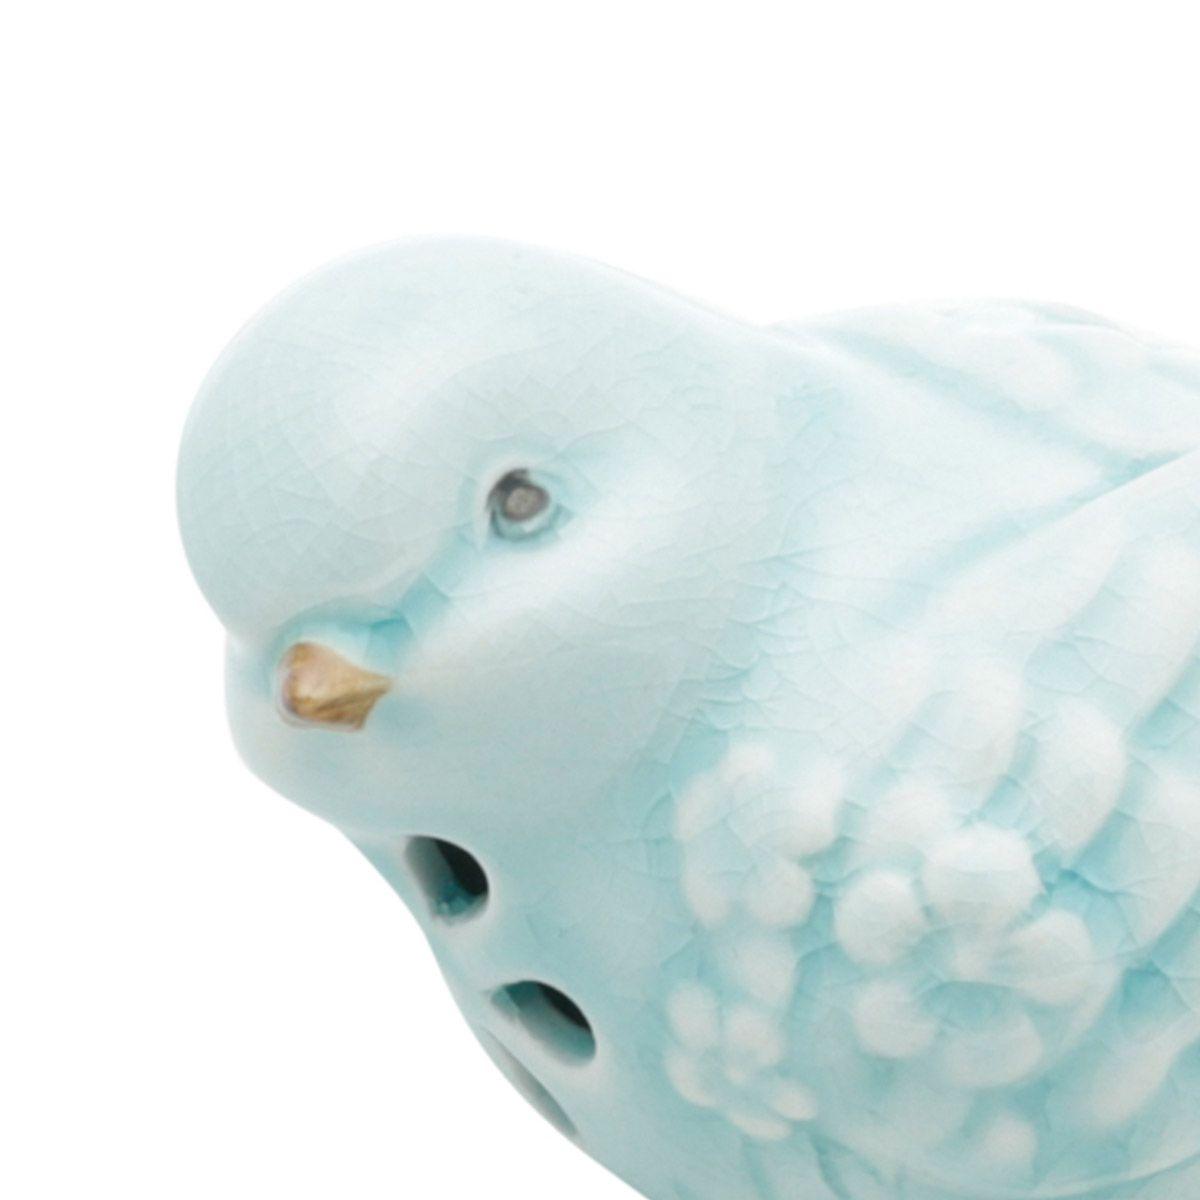 Pássaro decorativo 10 x 6,5 cm de cerâmica azul claro Garden Lyor - L4174